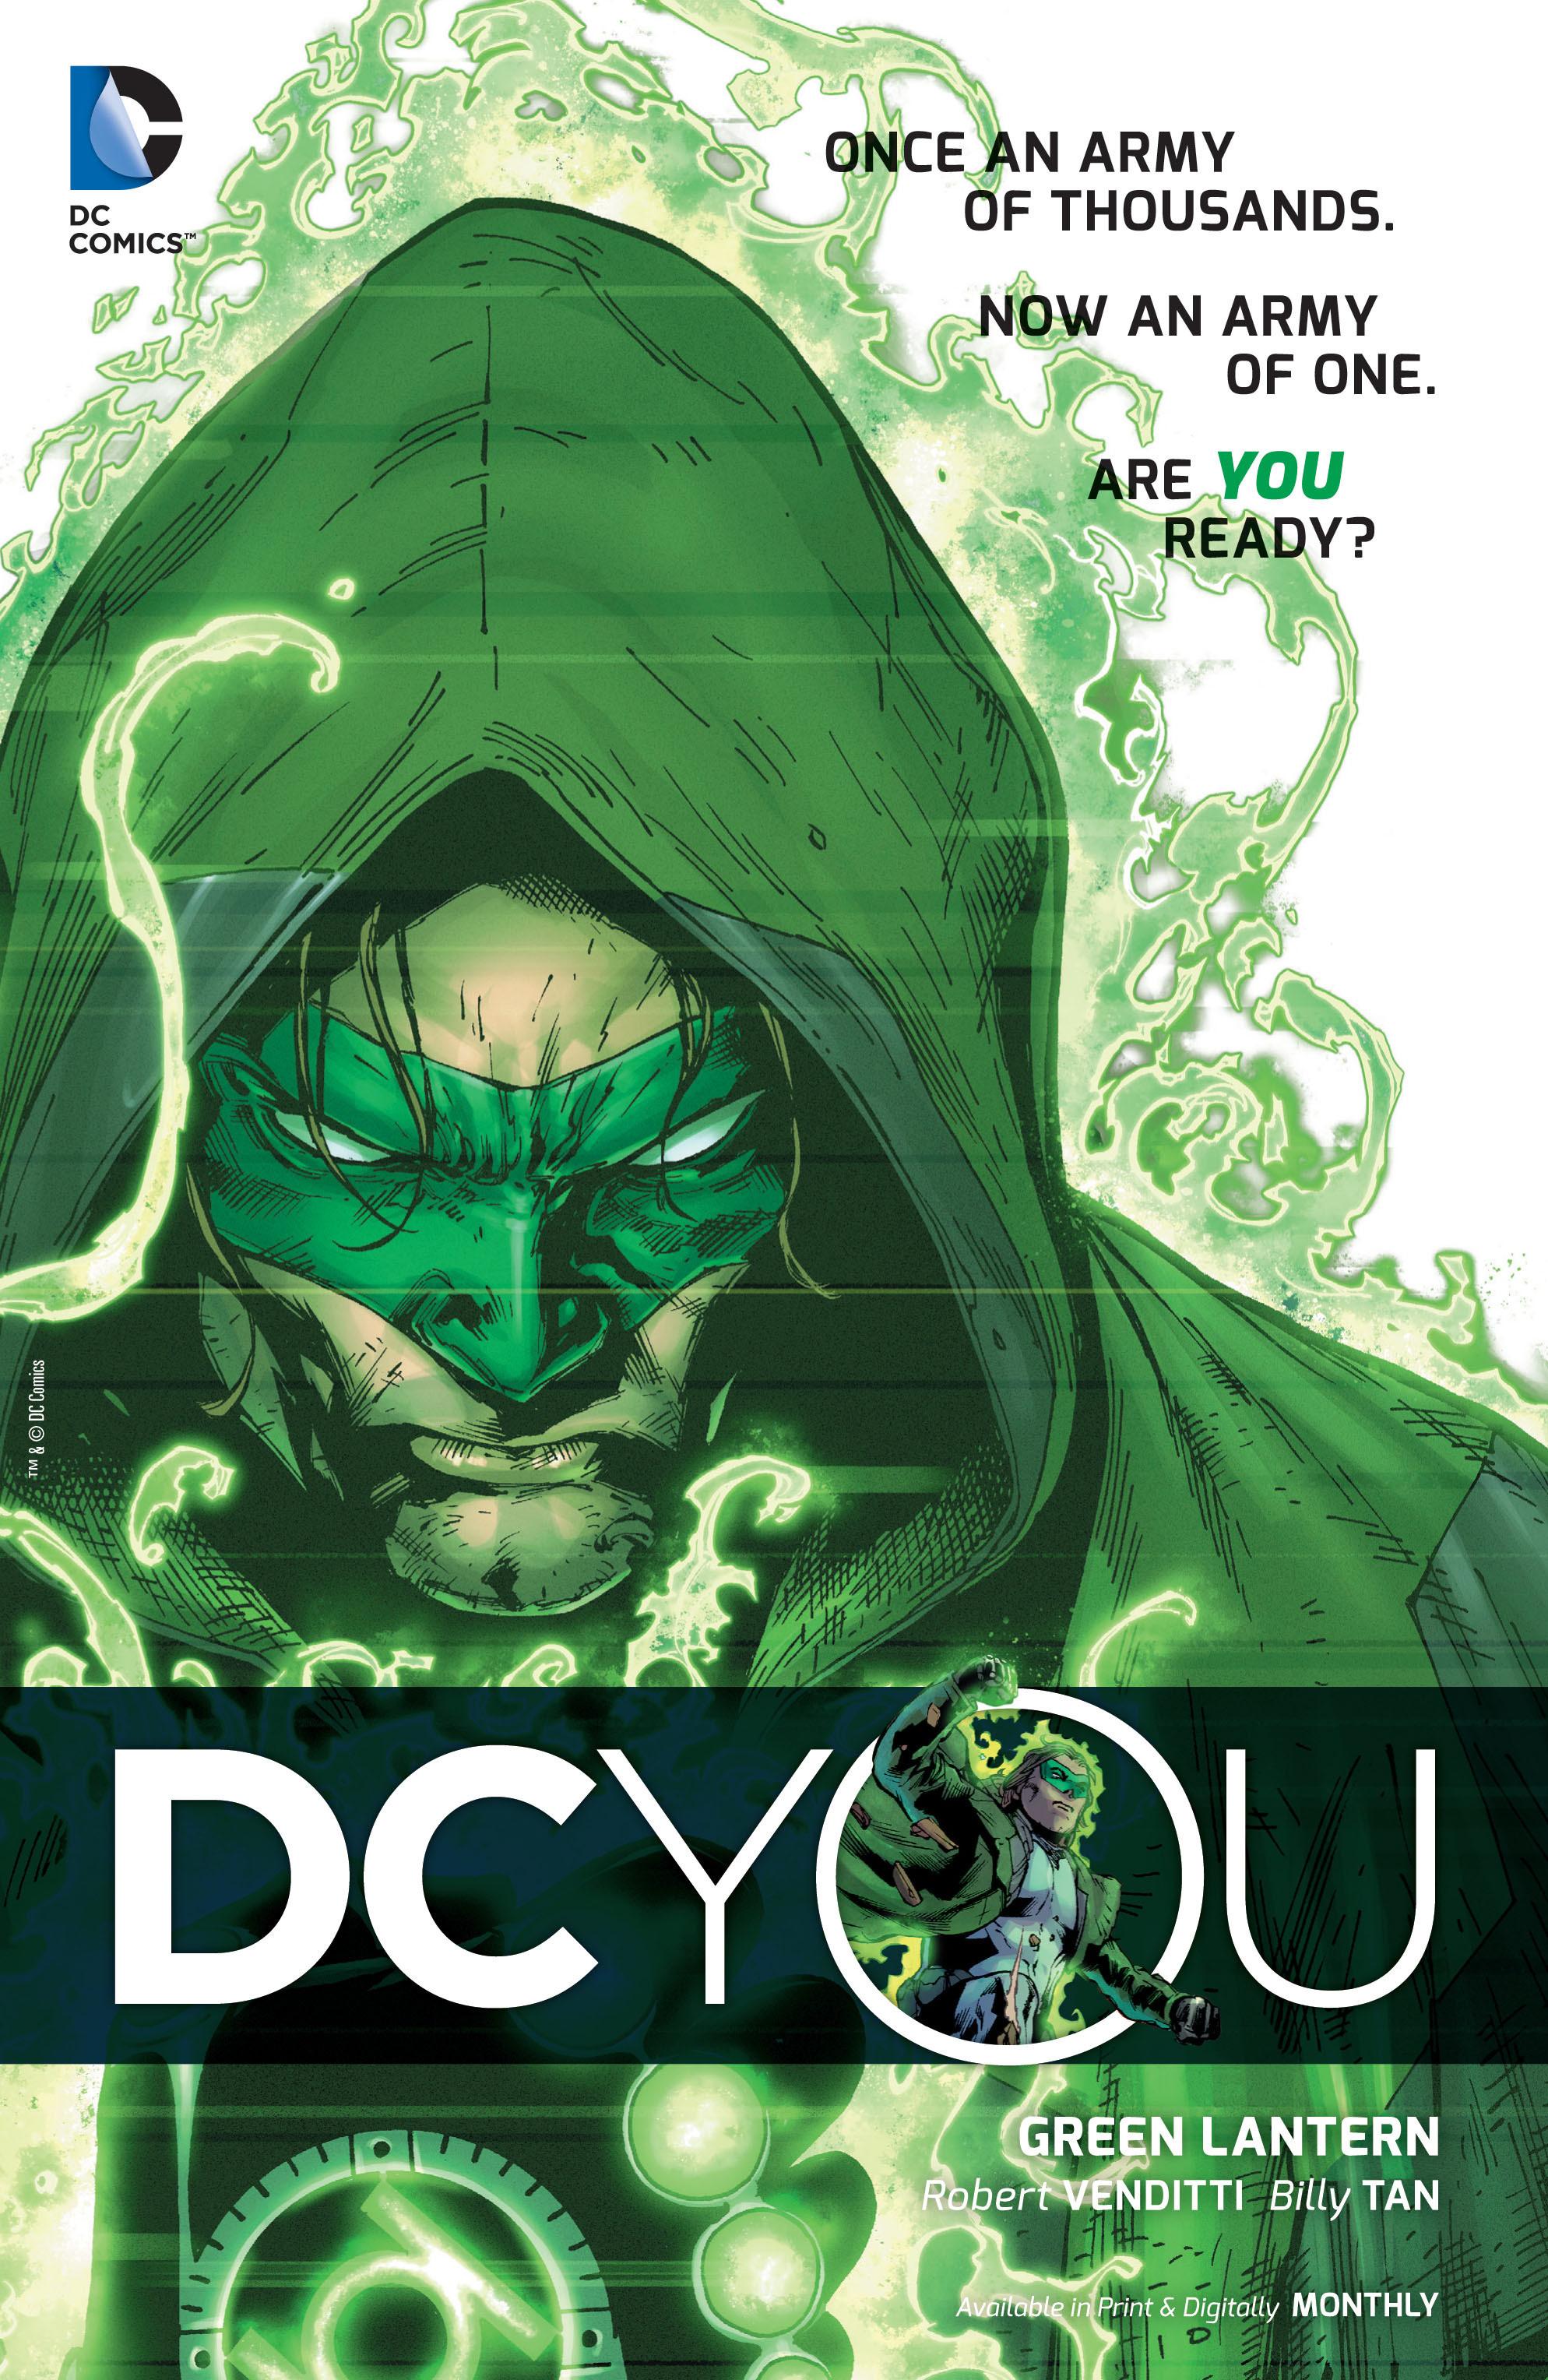 DCYOU GREEN LANTERN, RENEGADE HAL JORDAN ARE YOU READY? DCCOMICSNEWS.COM